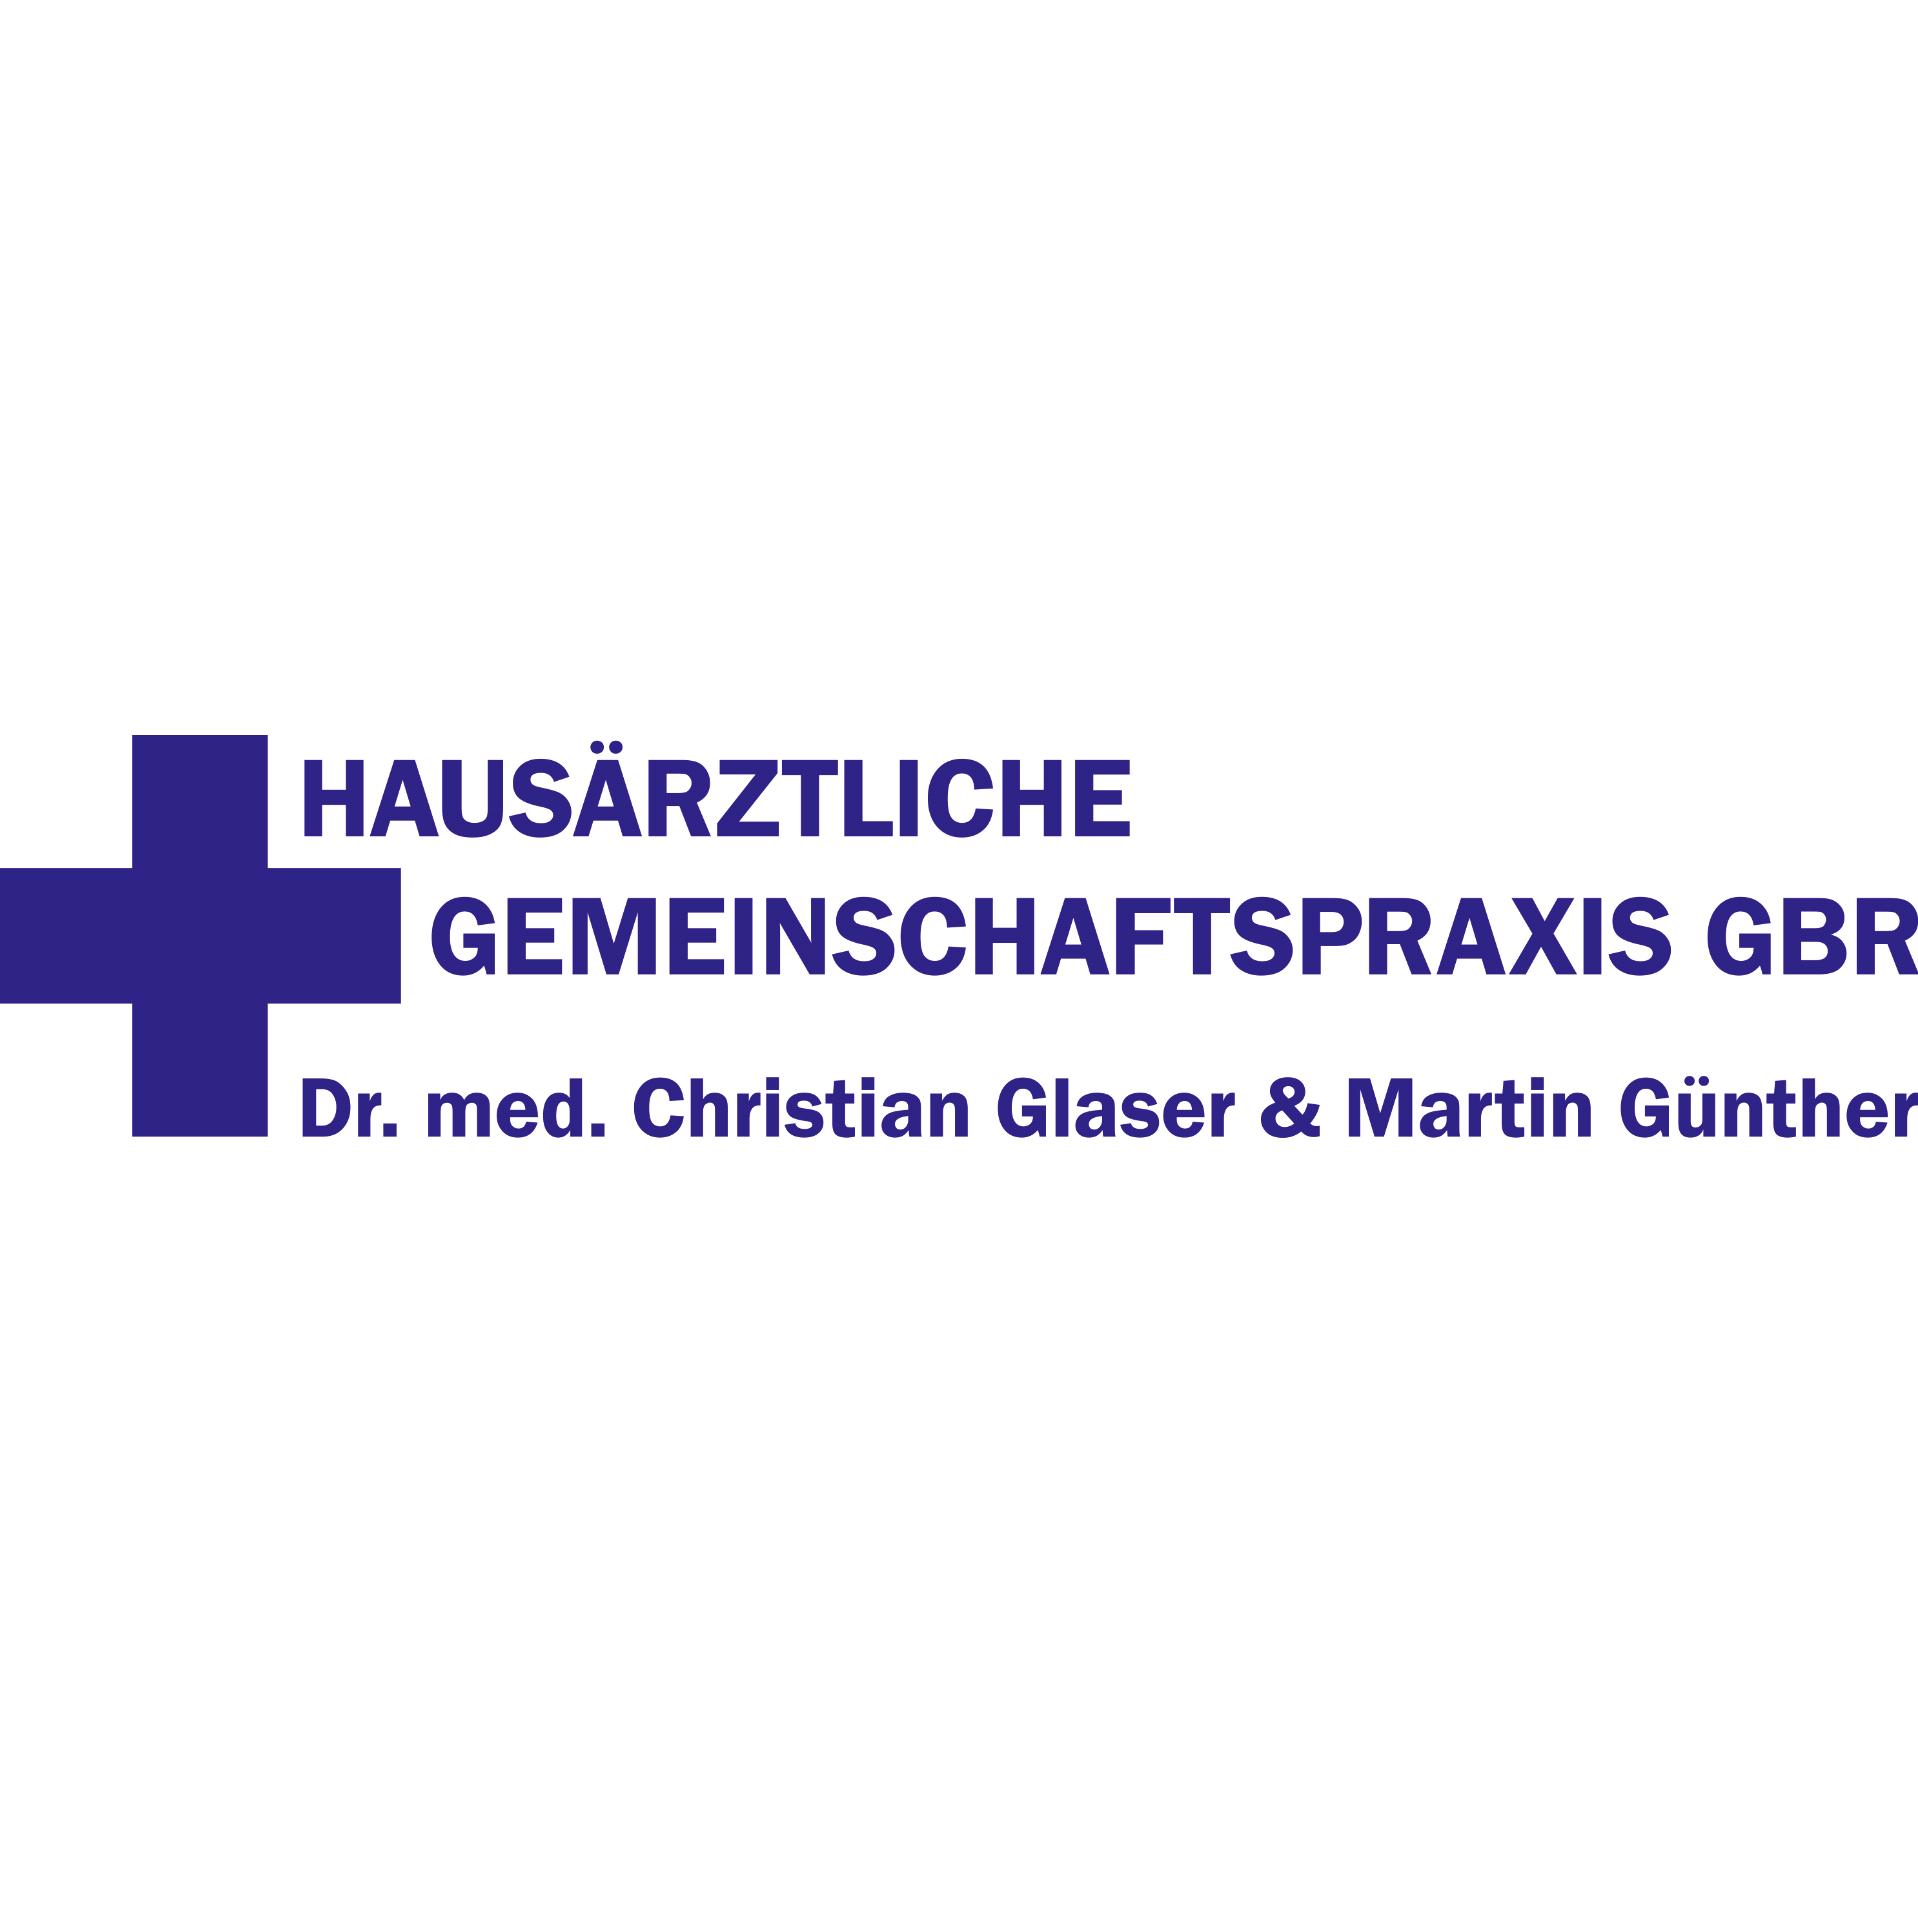 Bild zu Hausärztliche Gemeinschaftspraxis GbR - Dr. med. Christian Glaser & Martin Günther in Ebermannstadt